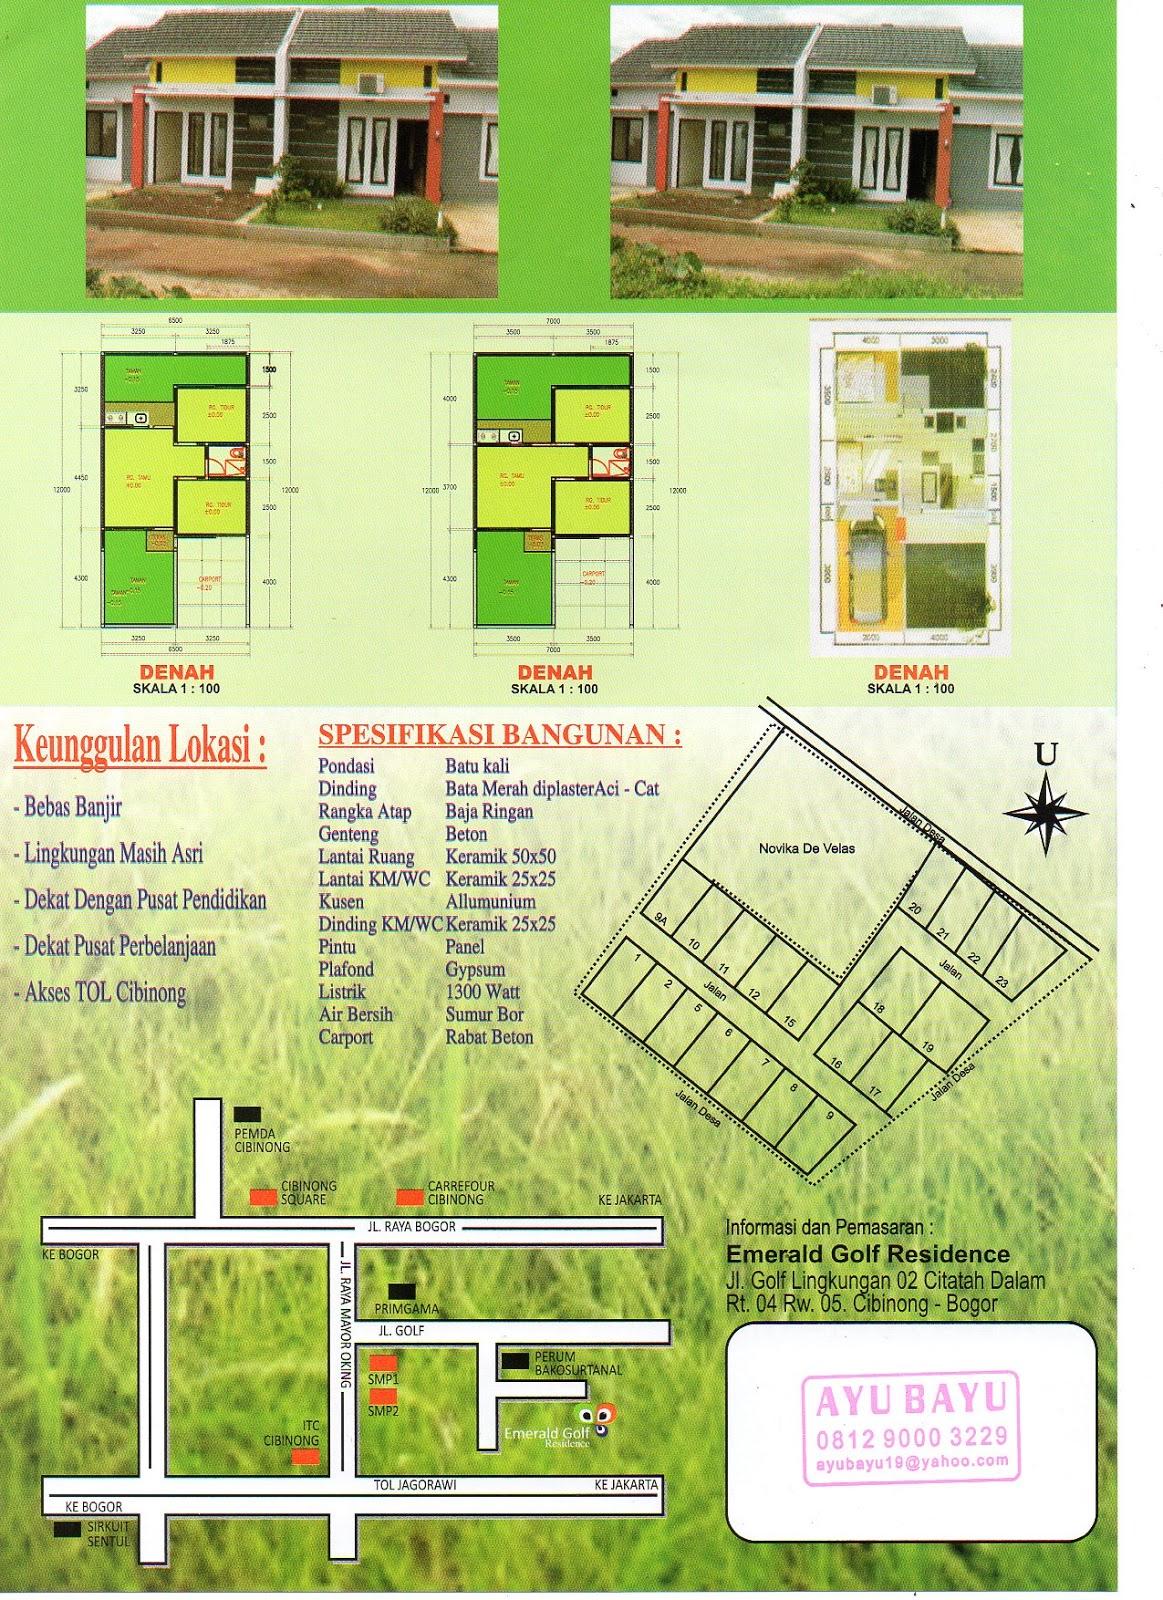 AYUBAYU PRO Rumah Ready Stock Di Cibinong Harga 300 Jutaan